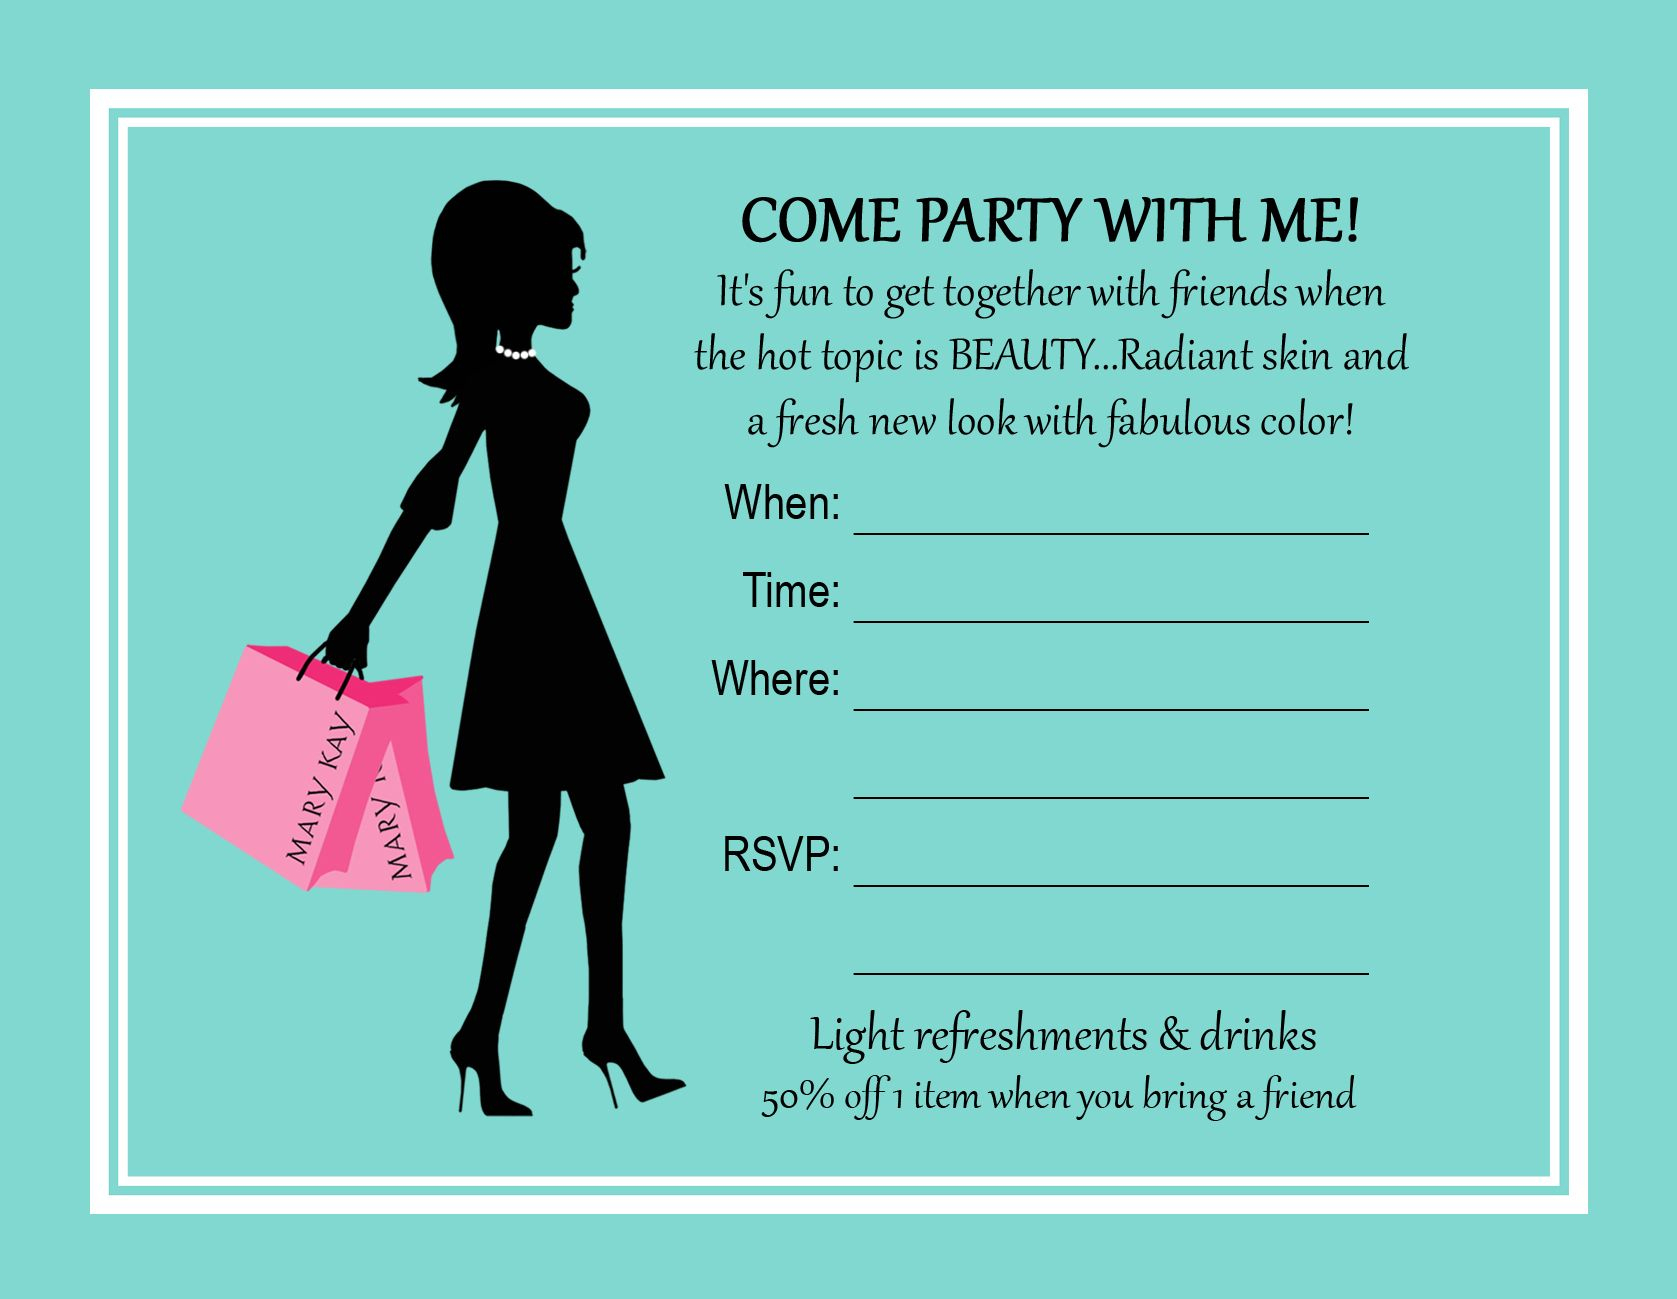 Printable Mary Kay Party Invitations. Mary Kay Party Invitations Www - Mary Kay Invites Printable Free